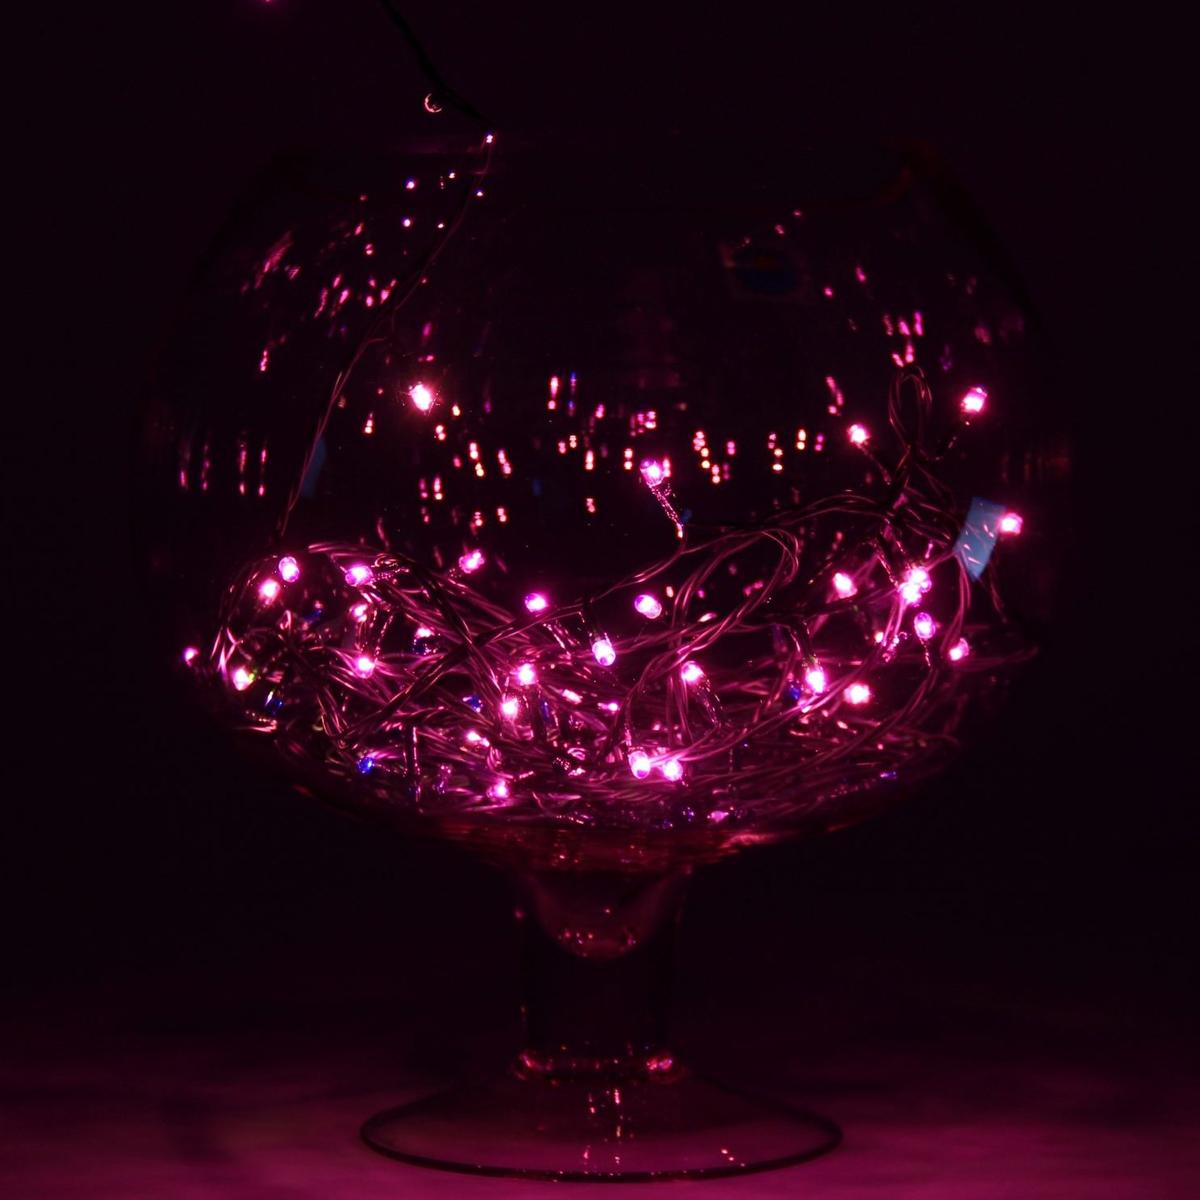 Гирлянда светодиодная Luazon Метраж, цвет: фиолетовый, 100 ламп, 8 режимов, 220 V, длина 4,5 м187155Светодиодные гирлянды и ленты — это отличный вариант для новогоднего оформления интерьера или фасада. С их помощью помещение любого размера можно превратить в праздничный зал, а внешние элементы зданий, украшенные ими, мгновенно станут напоминать очертания сказочного дворца. Такие украшения создают ауру предвкушения чуда. Деревья, фасады, витрины, окна и арки будто специально созданы, чтобы вы украсили их светящимися нитями.